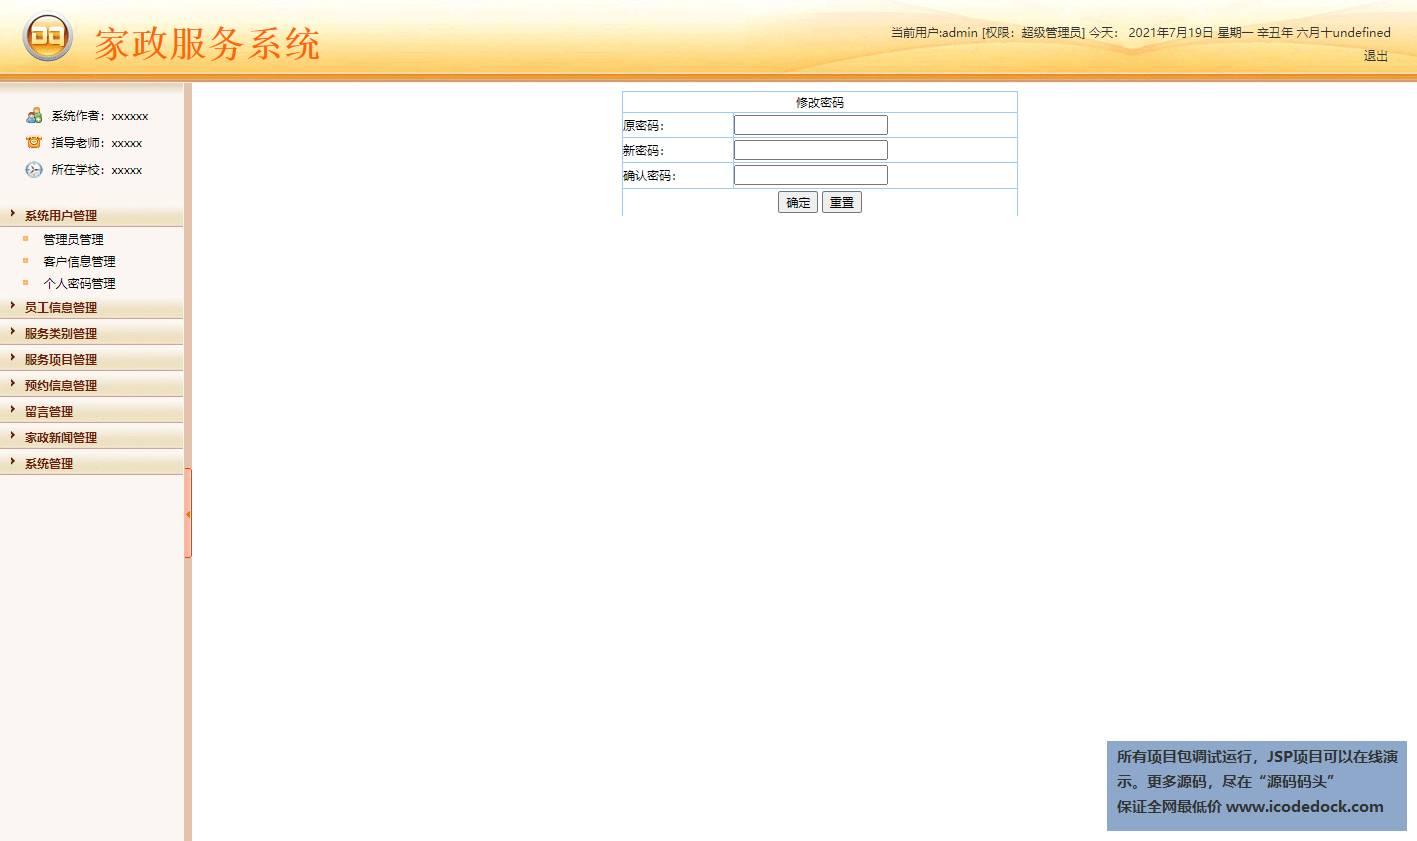 源码码头-JSP在线家政服务平台网站-管理员角色-修改密码